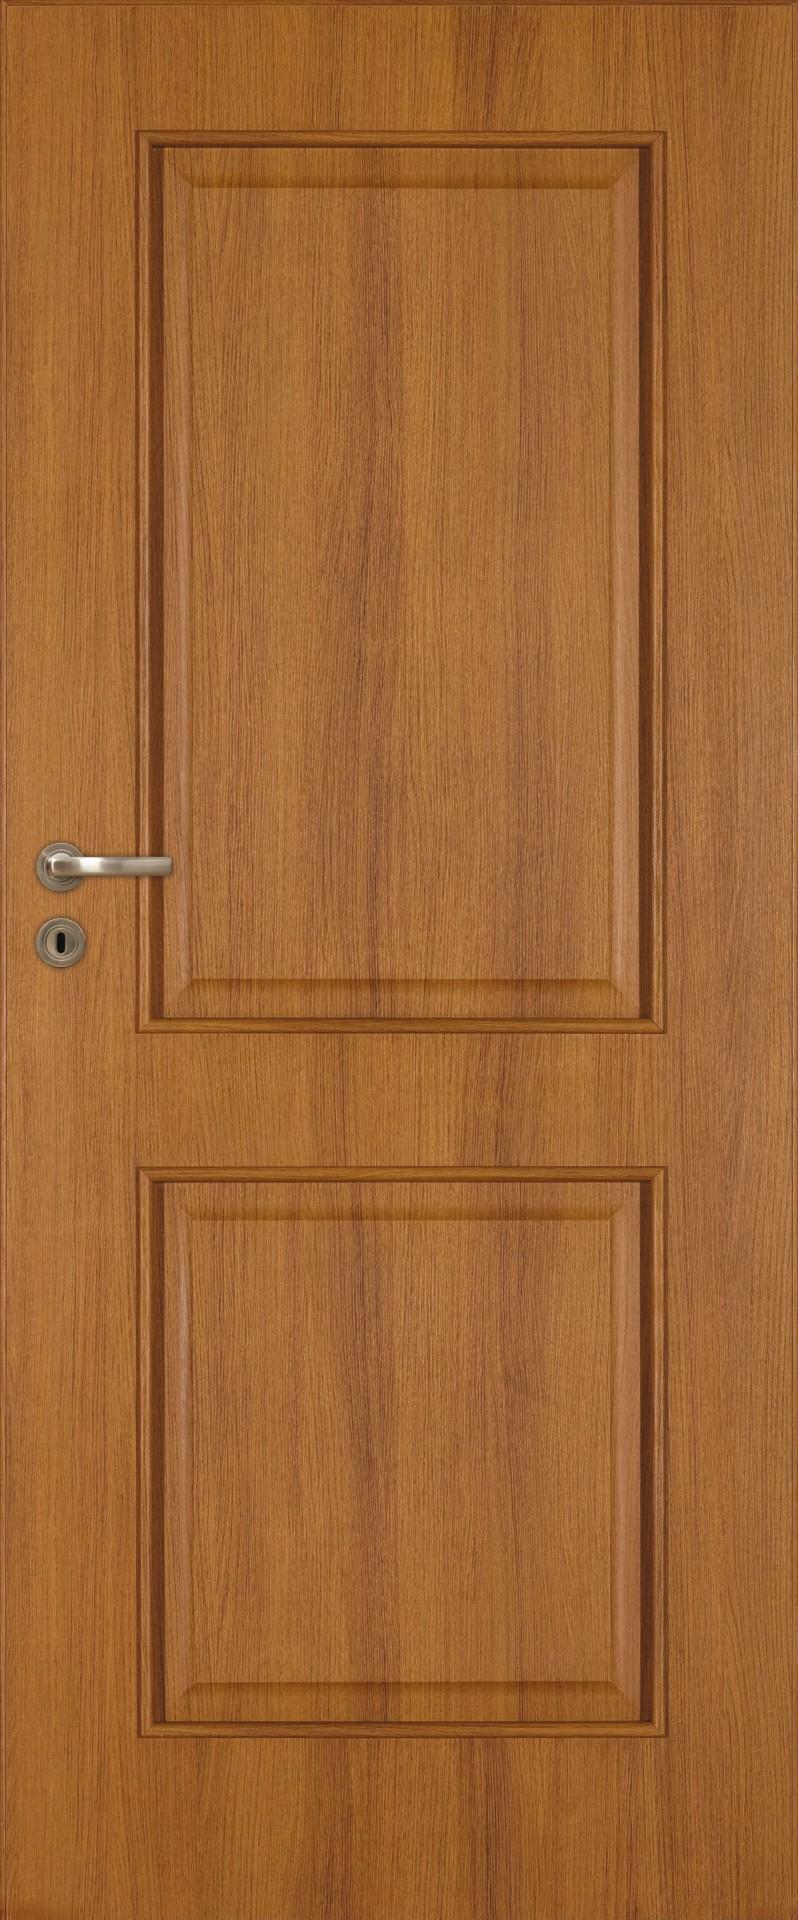 Dre dveře Fano 10, Šíře v cm 90